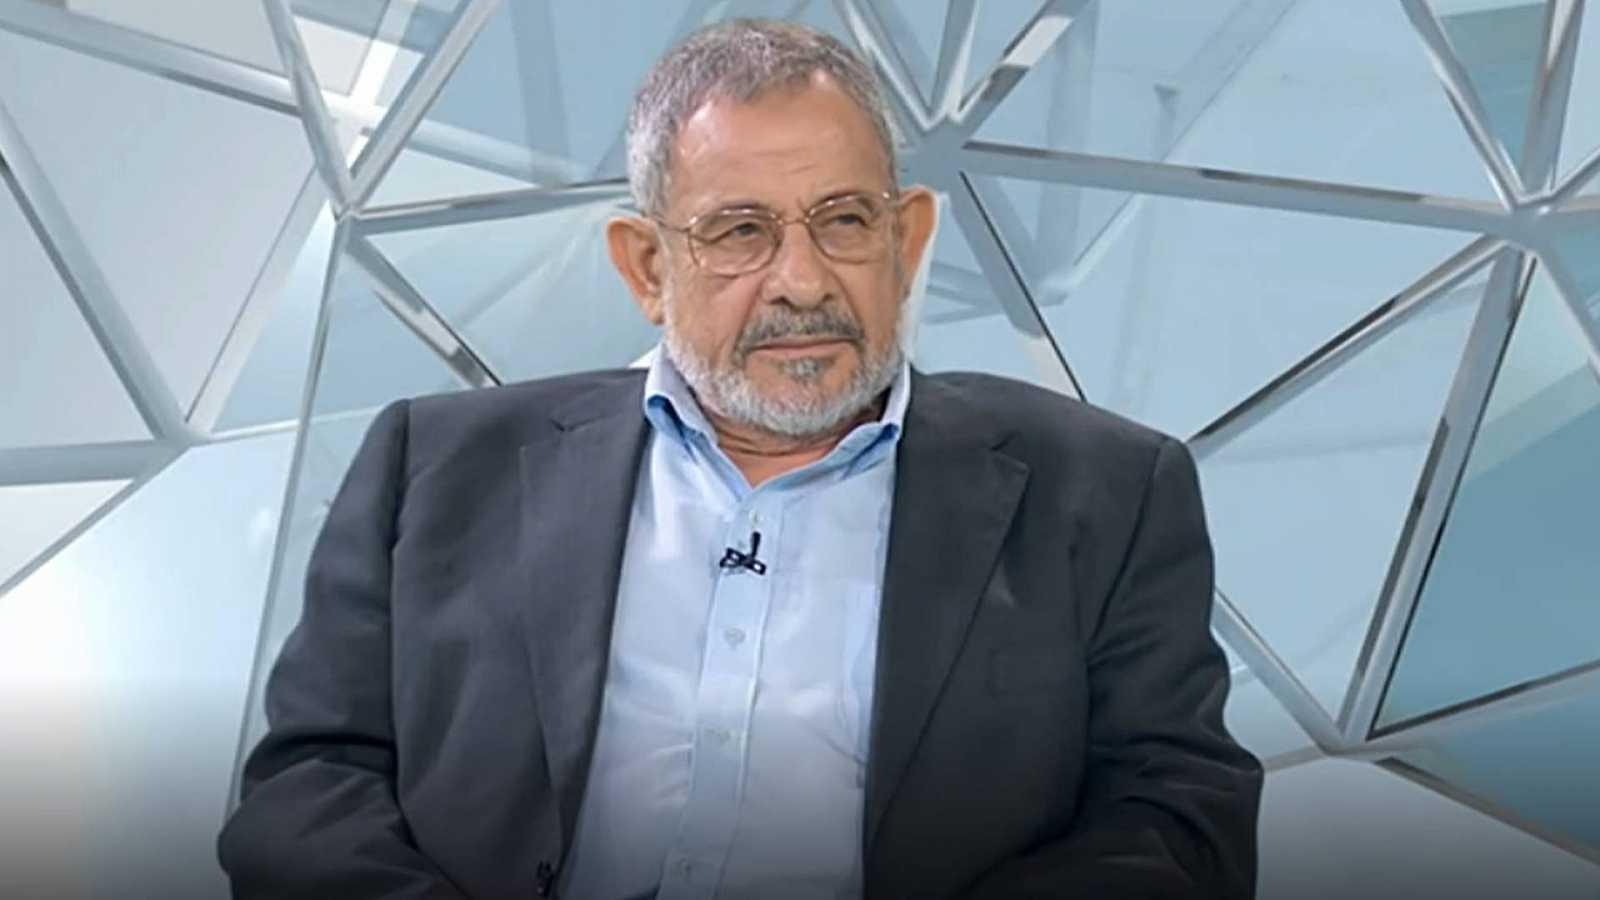 Mohamad Ayman Adlbi, presidente de la Comisión Islámica de España, detenido por financiar el terrorismo de Al Qaeda